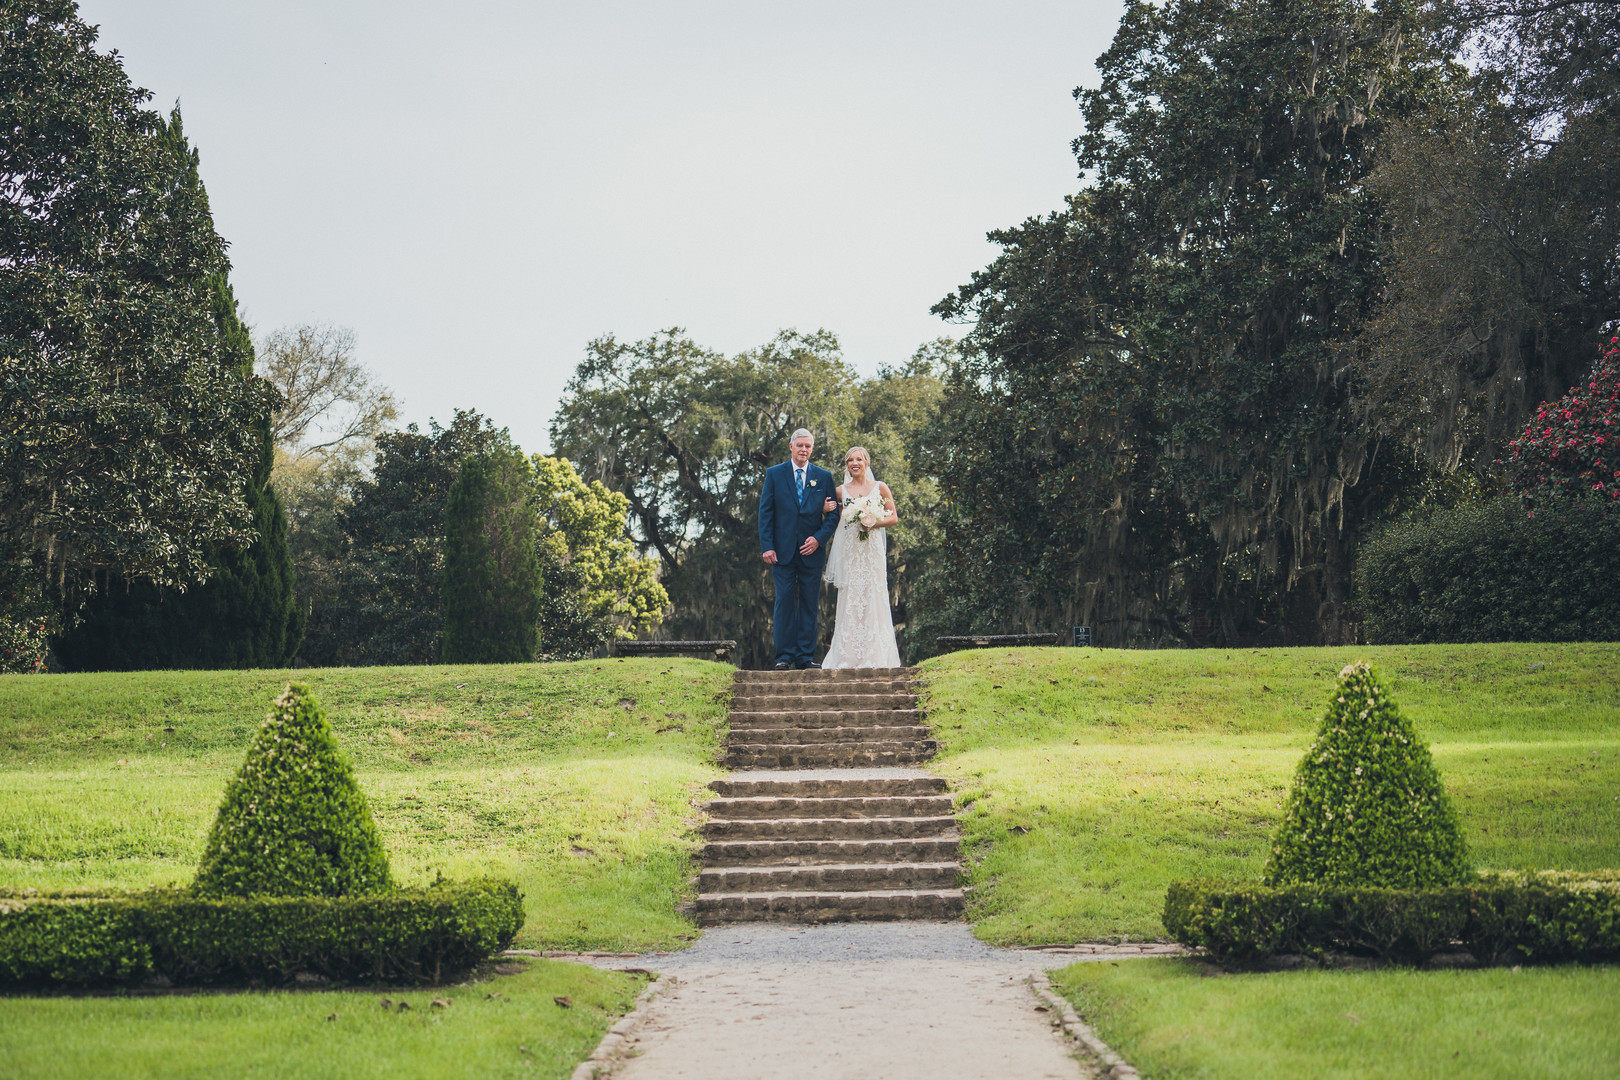 middleton-place-wedding-15.jpg